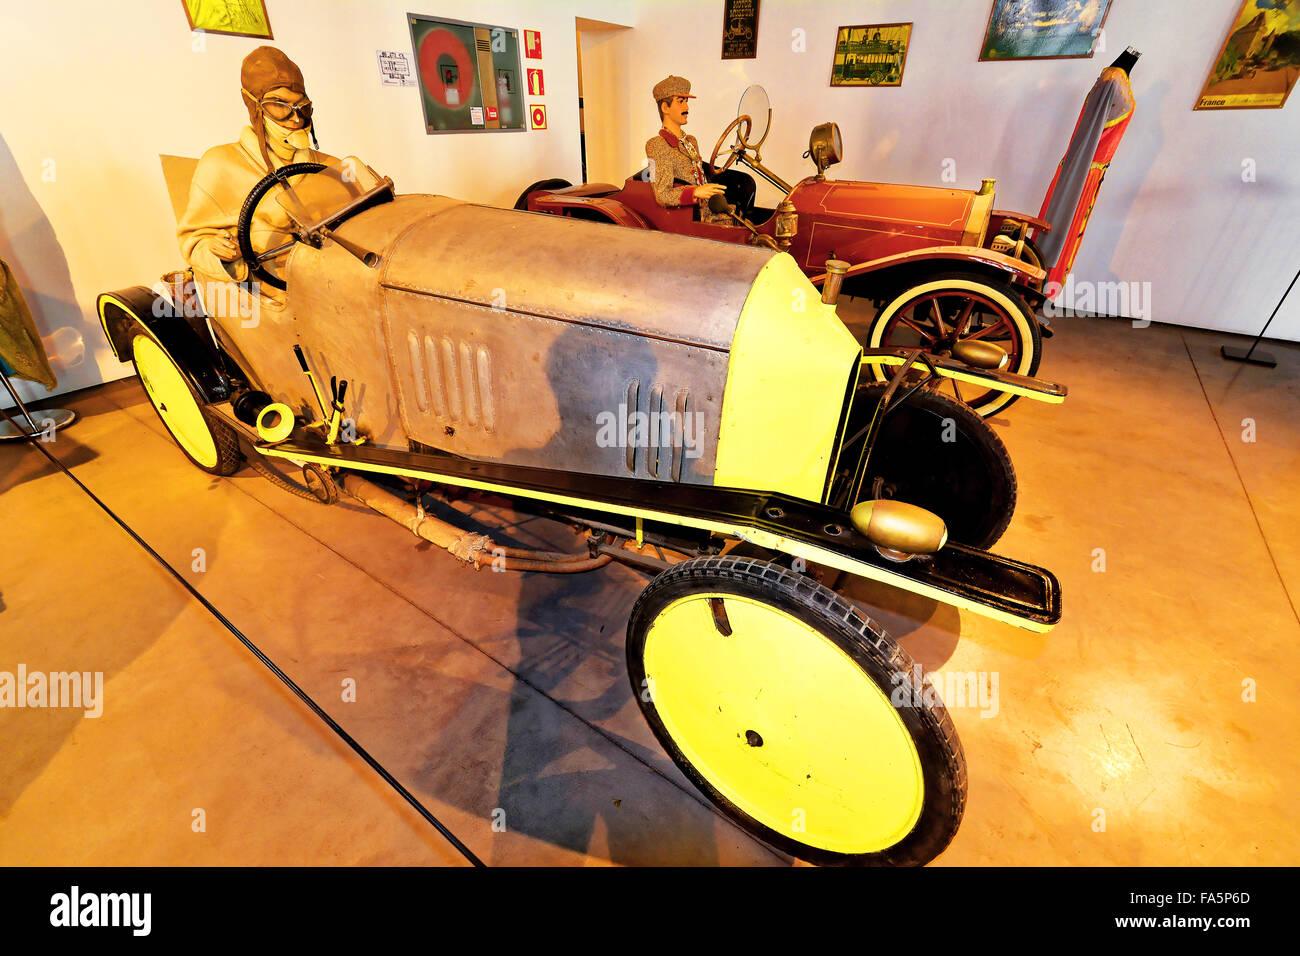 Malaga Spain Automovilistico De Malaga 1912 Barron Acroyd El Pampero - Stock Image